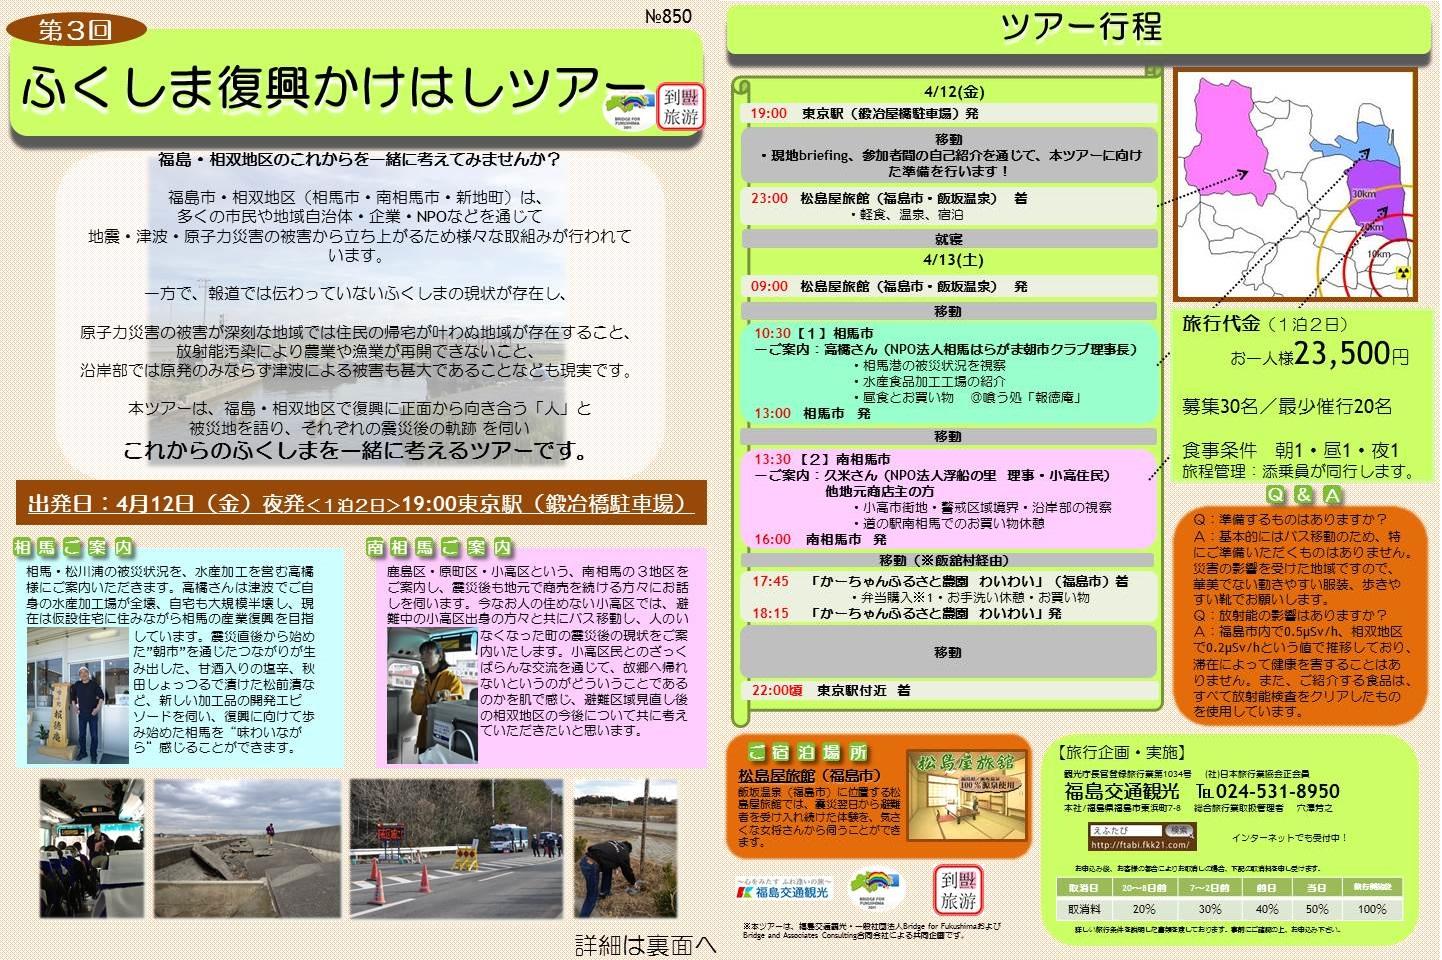 soso_tour_20130412